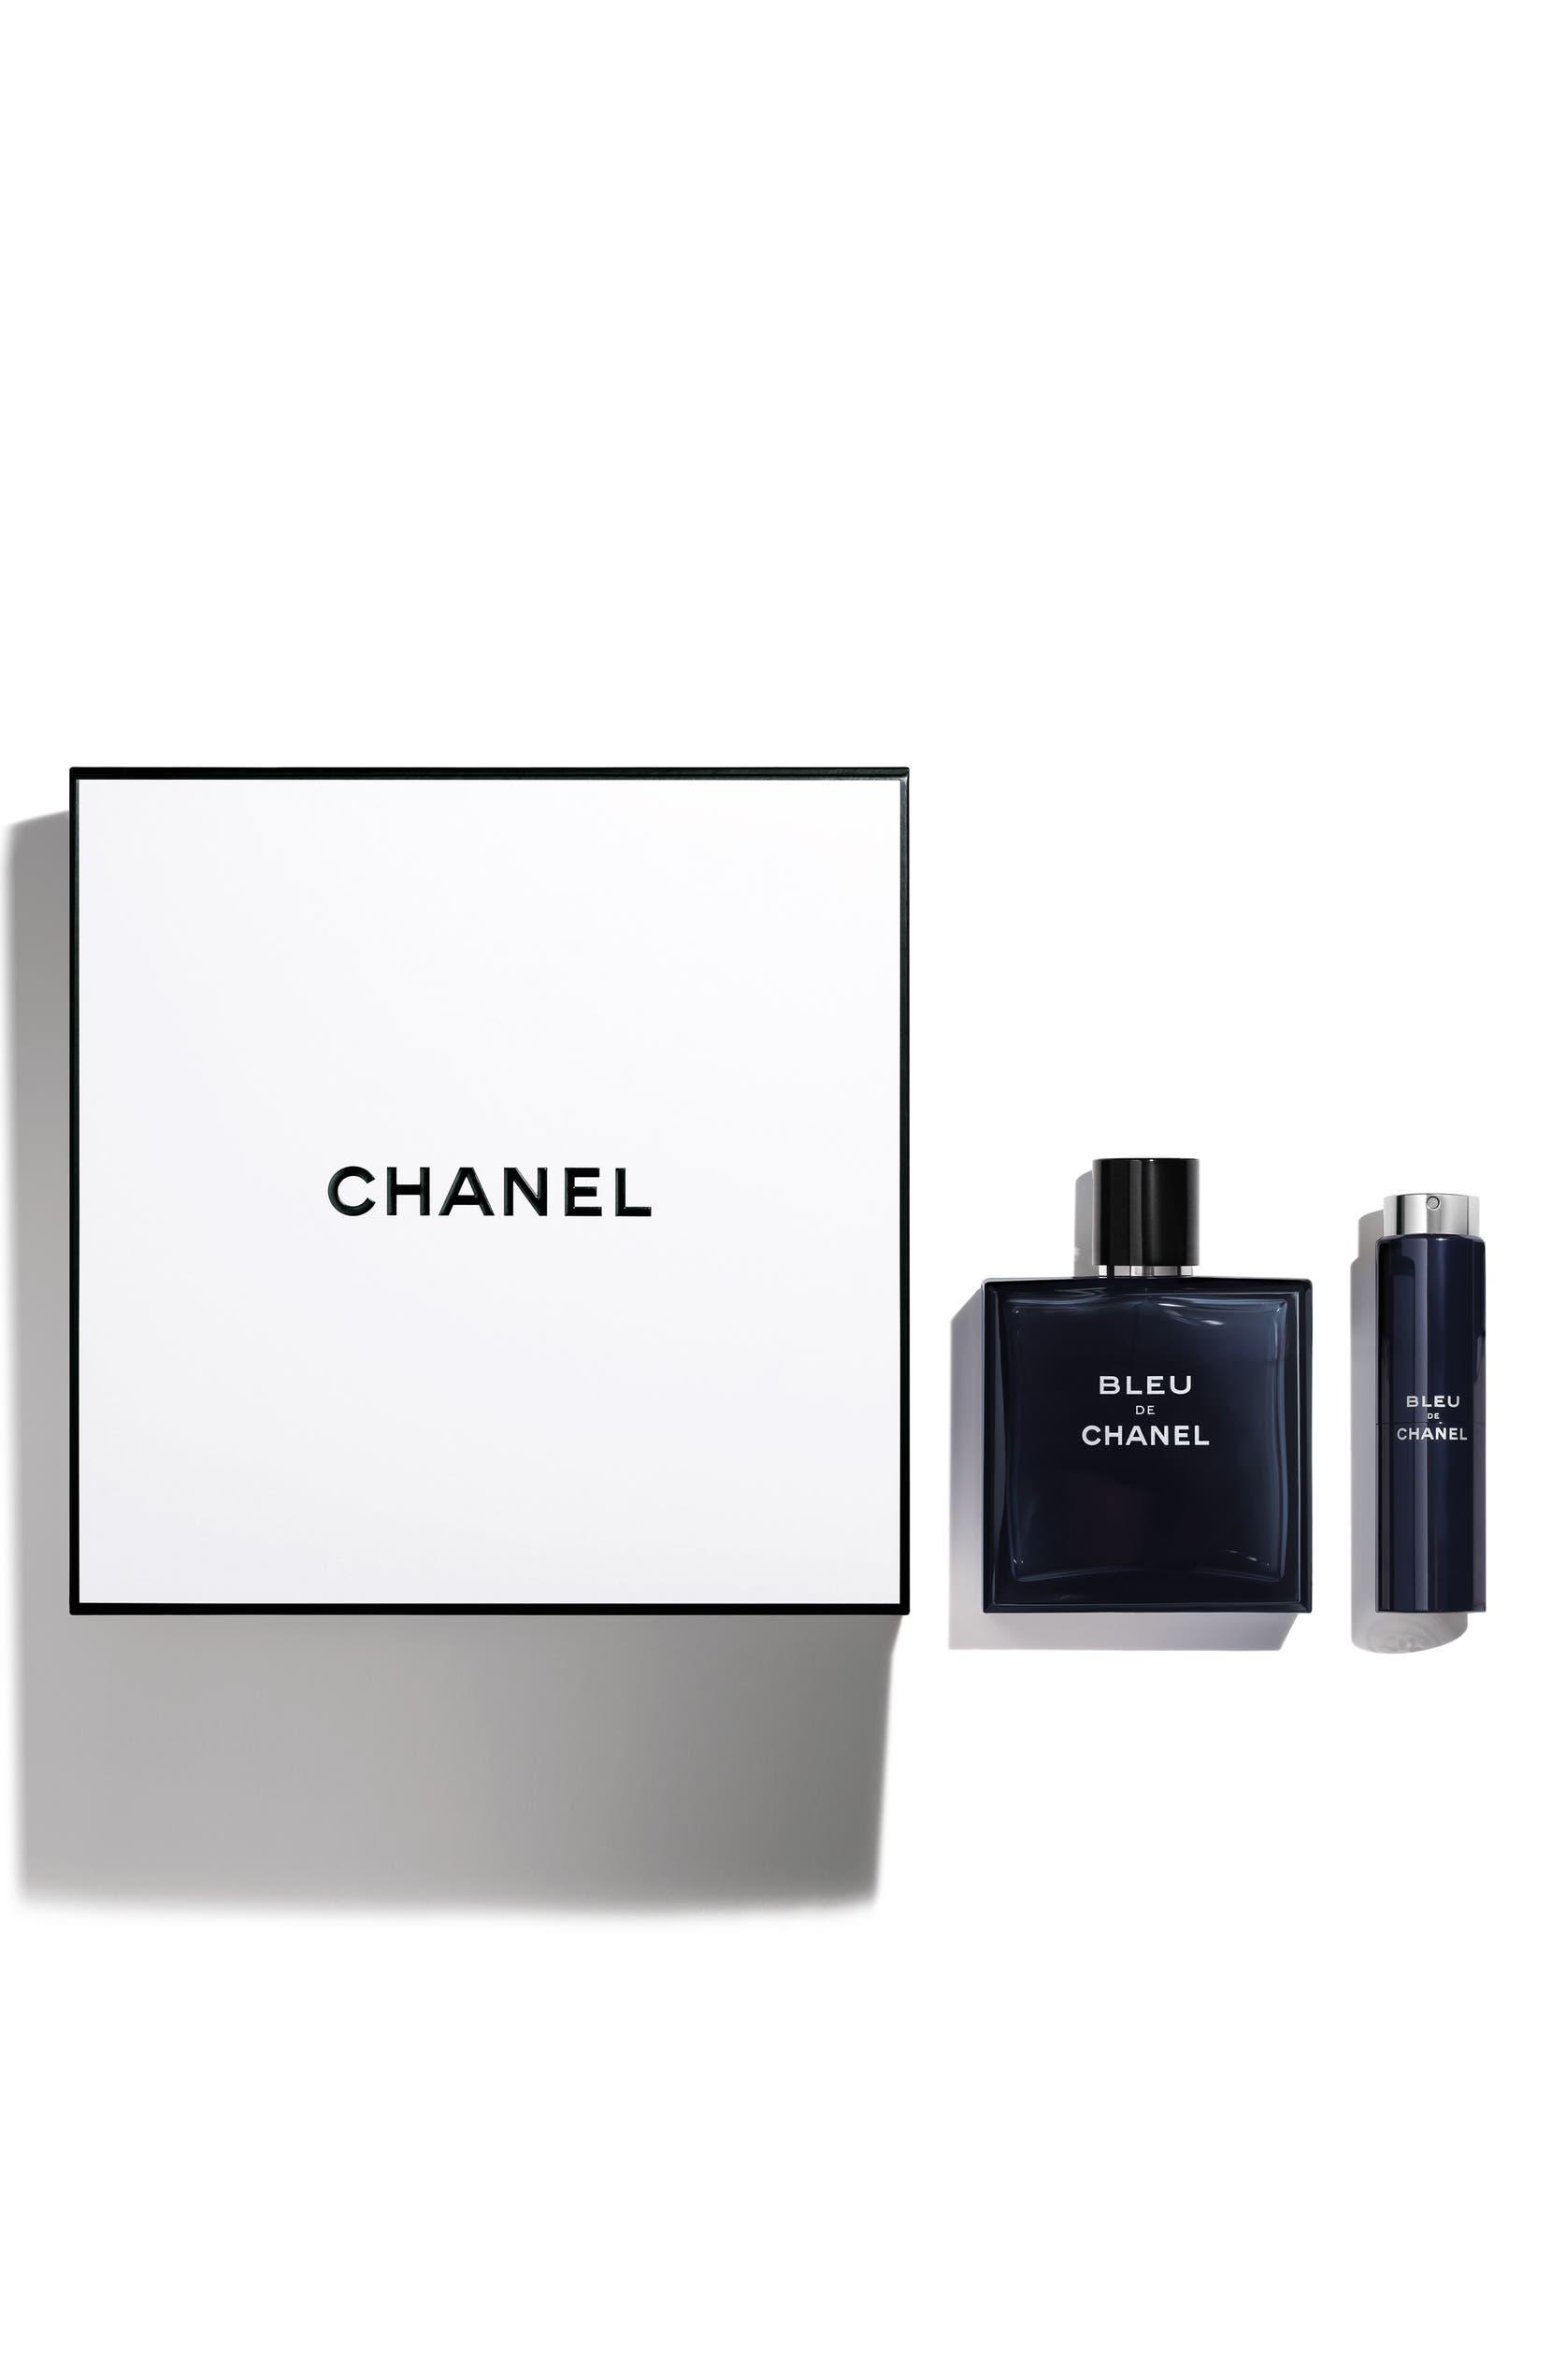 43d4998dfb BLEU DE CHANEL Eau de Toilette Twist & Spray Set